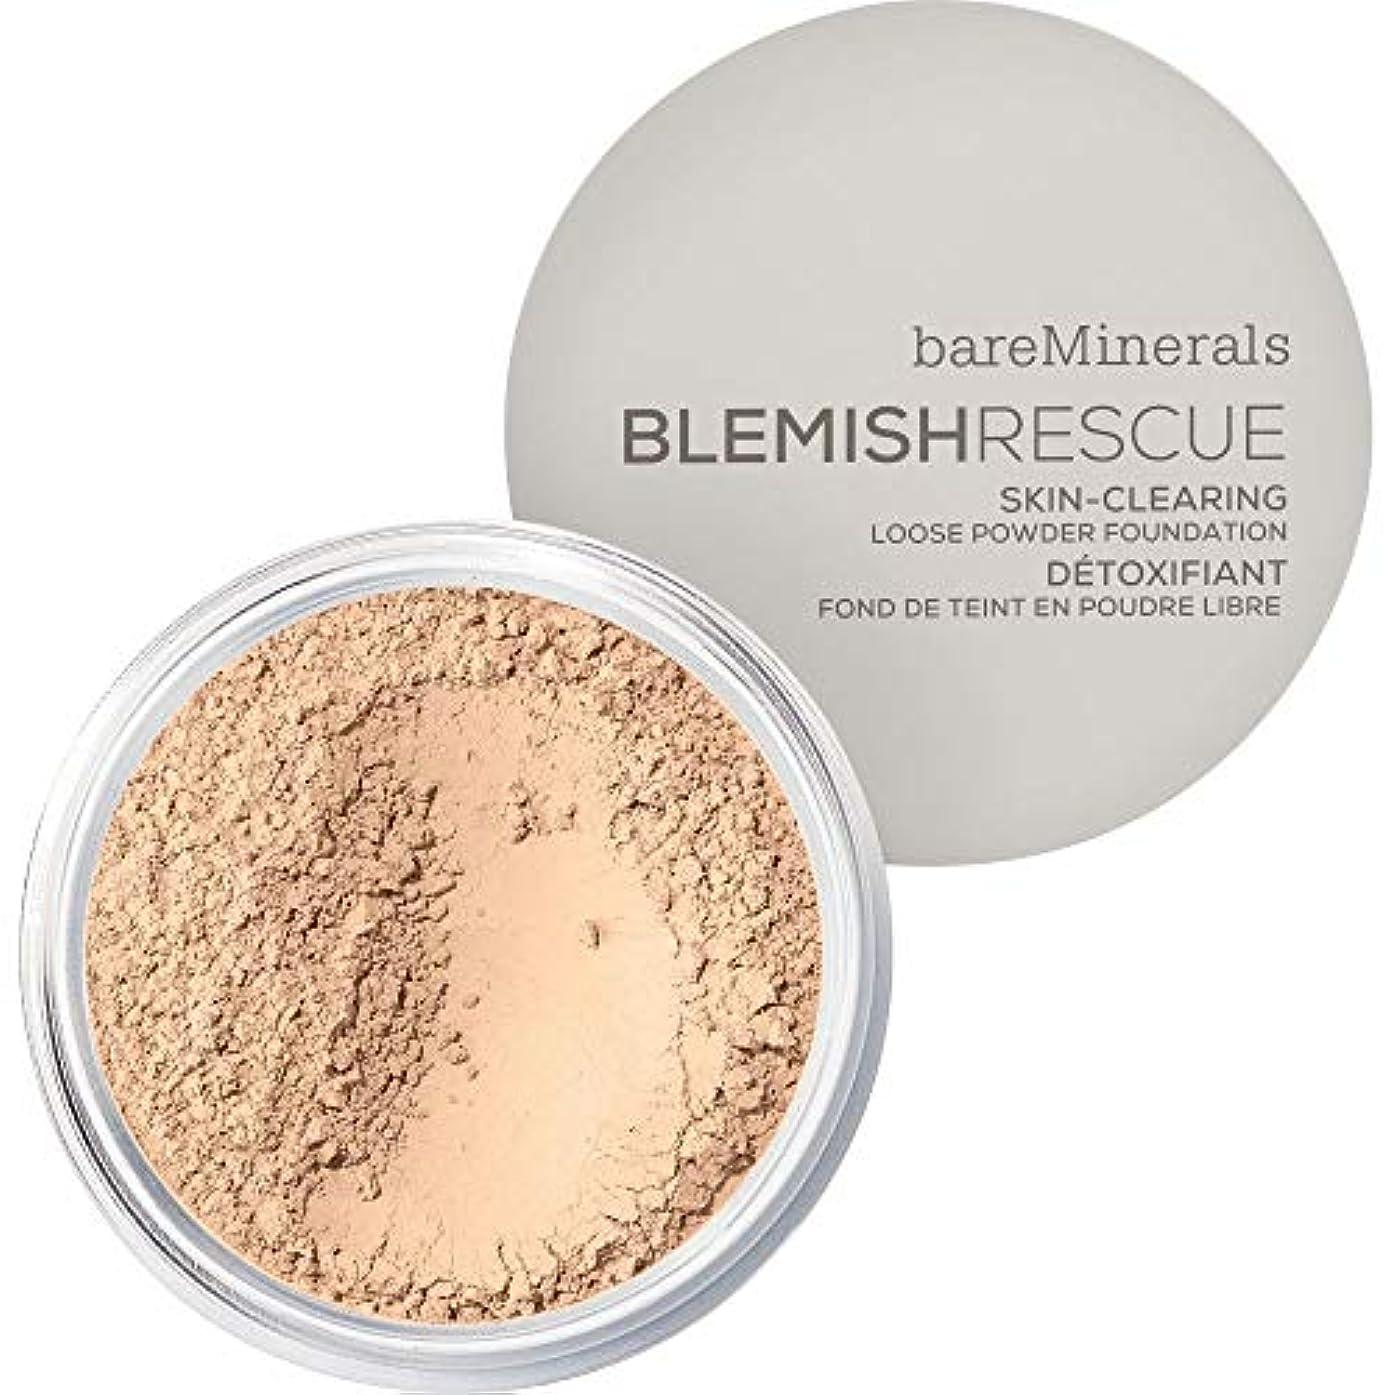 電気陽性レンダーこっそり[bareMinerals ] かなり光 - ベアミネラルは、レスキュースキンクリア緩いパウダーファンデーション6グラム1Nwが傷 - bareMinerals Blemish Rescue Skin-Clearing Loose Powder Foundation 6g 1NW - Fairly Light [並行輸入品]